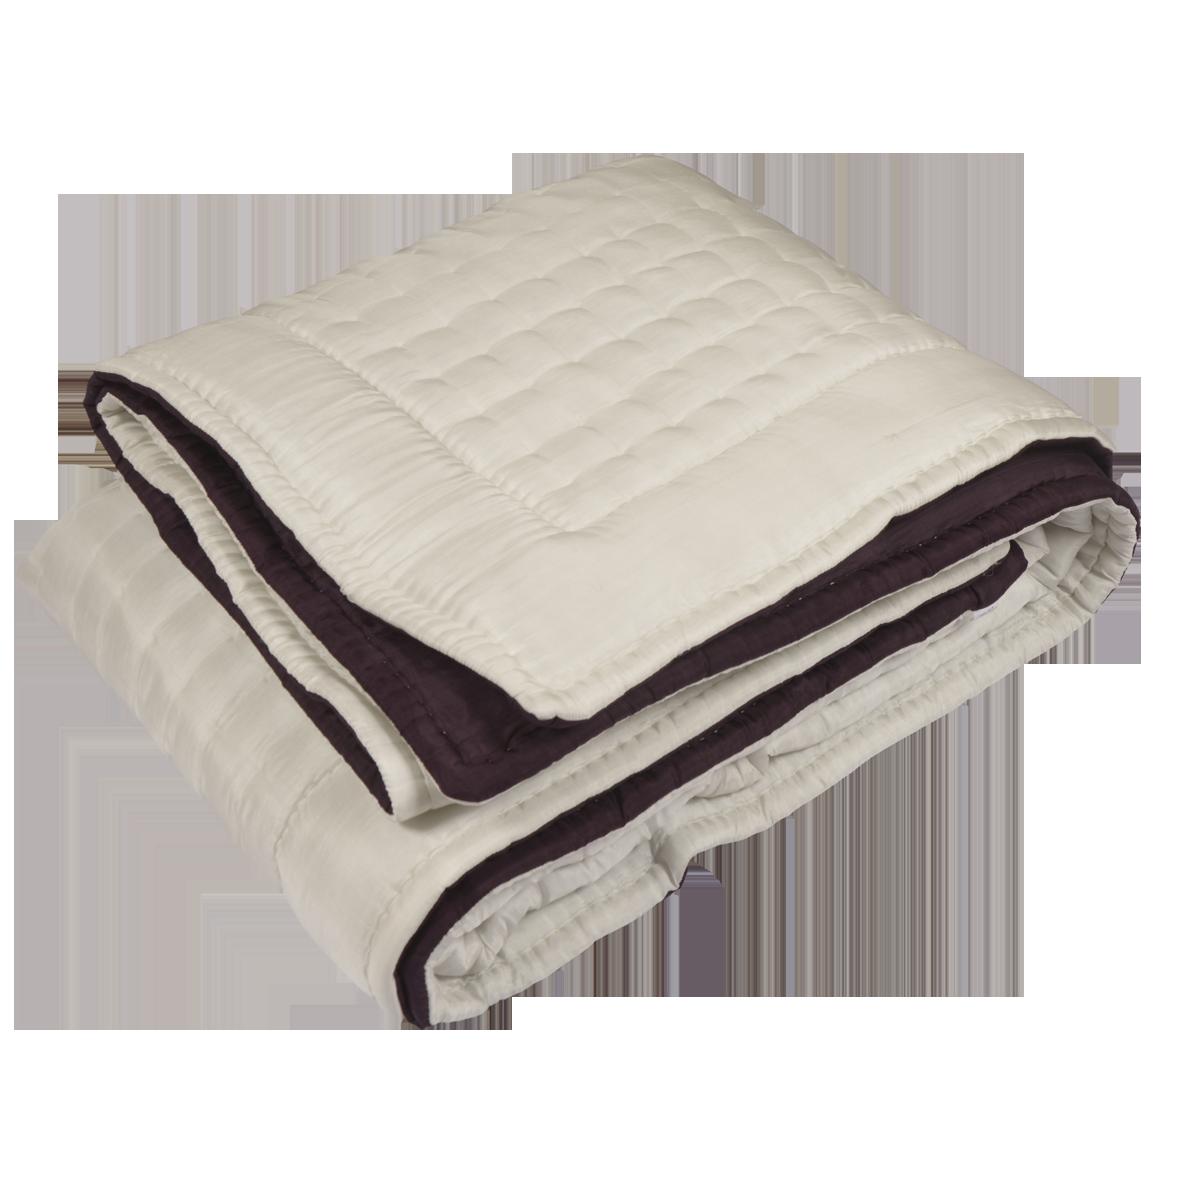 couvre lit matelassé polyester Boutis couvre lits réversible ivoire/ prune   220 X 240   100  couvre lit matelassé polyester